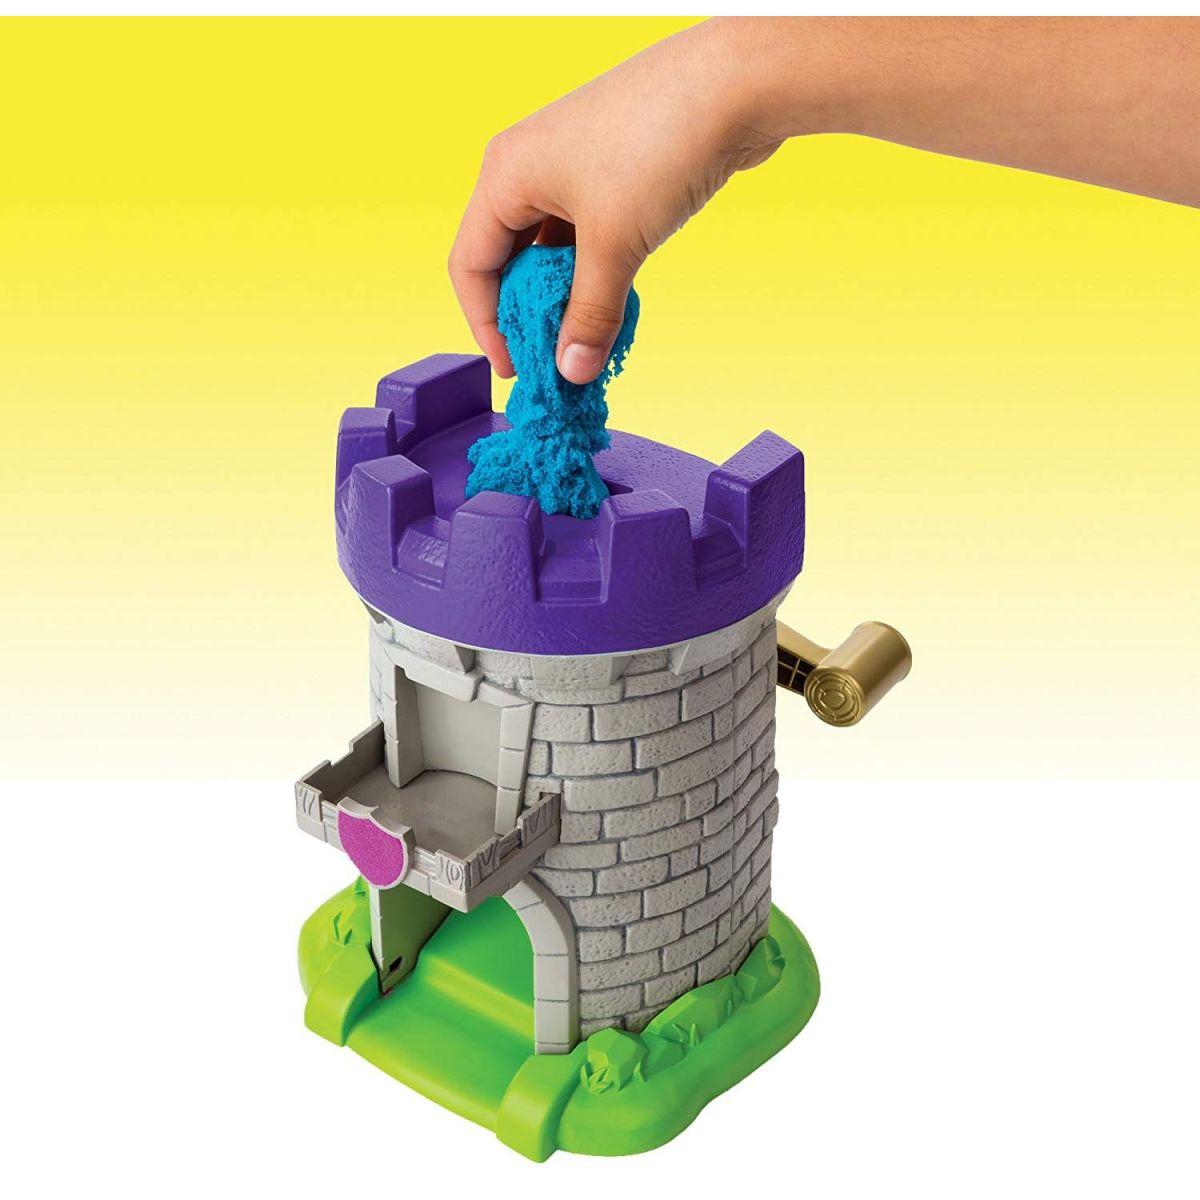 Kinetic Sand středověká věž s doplňky #7